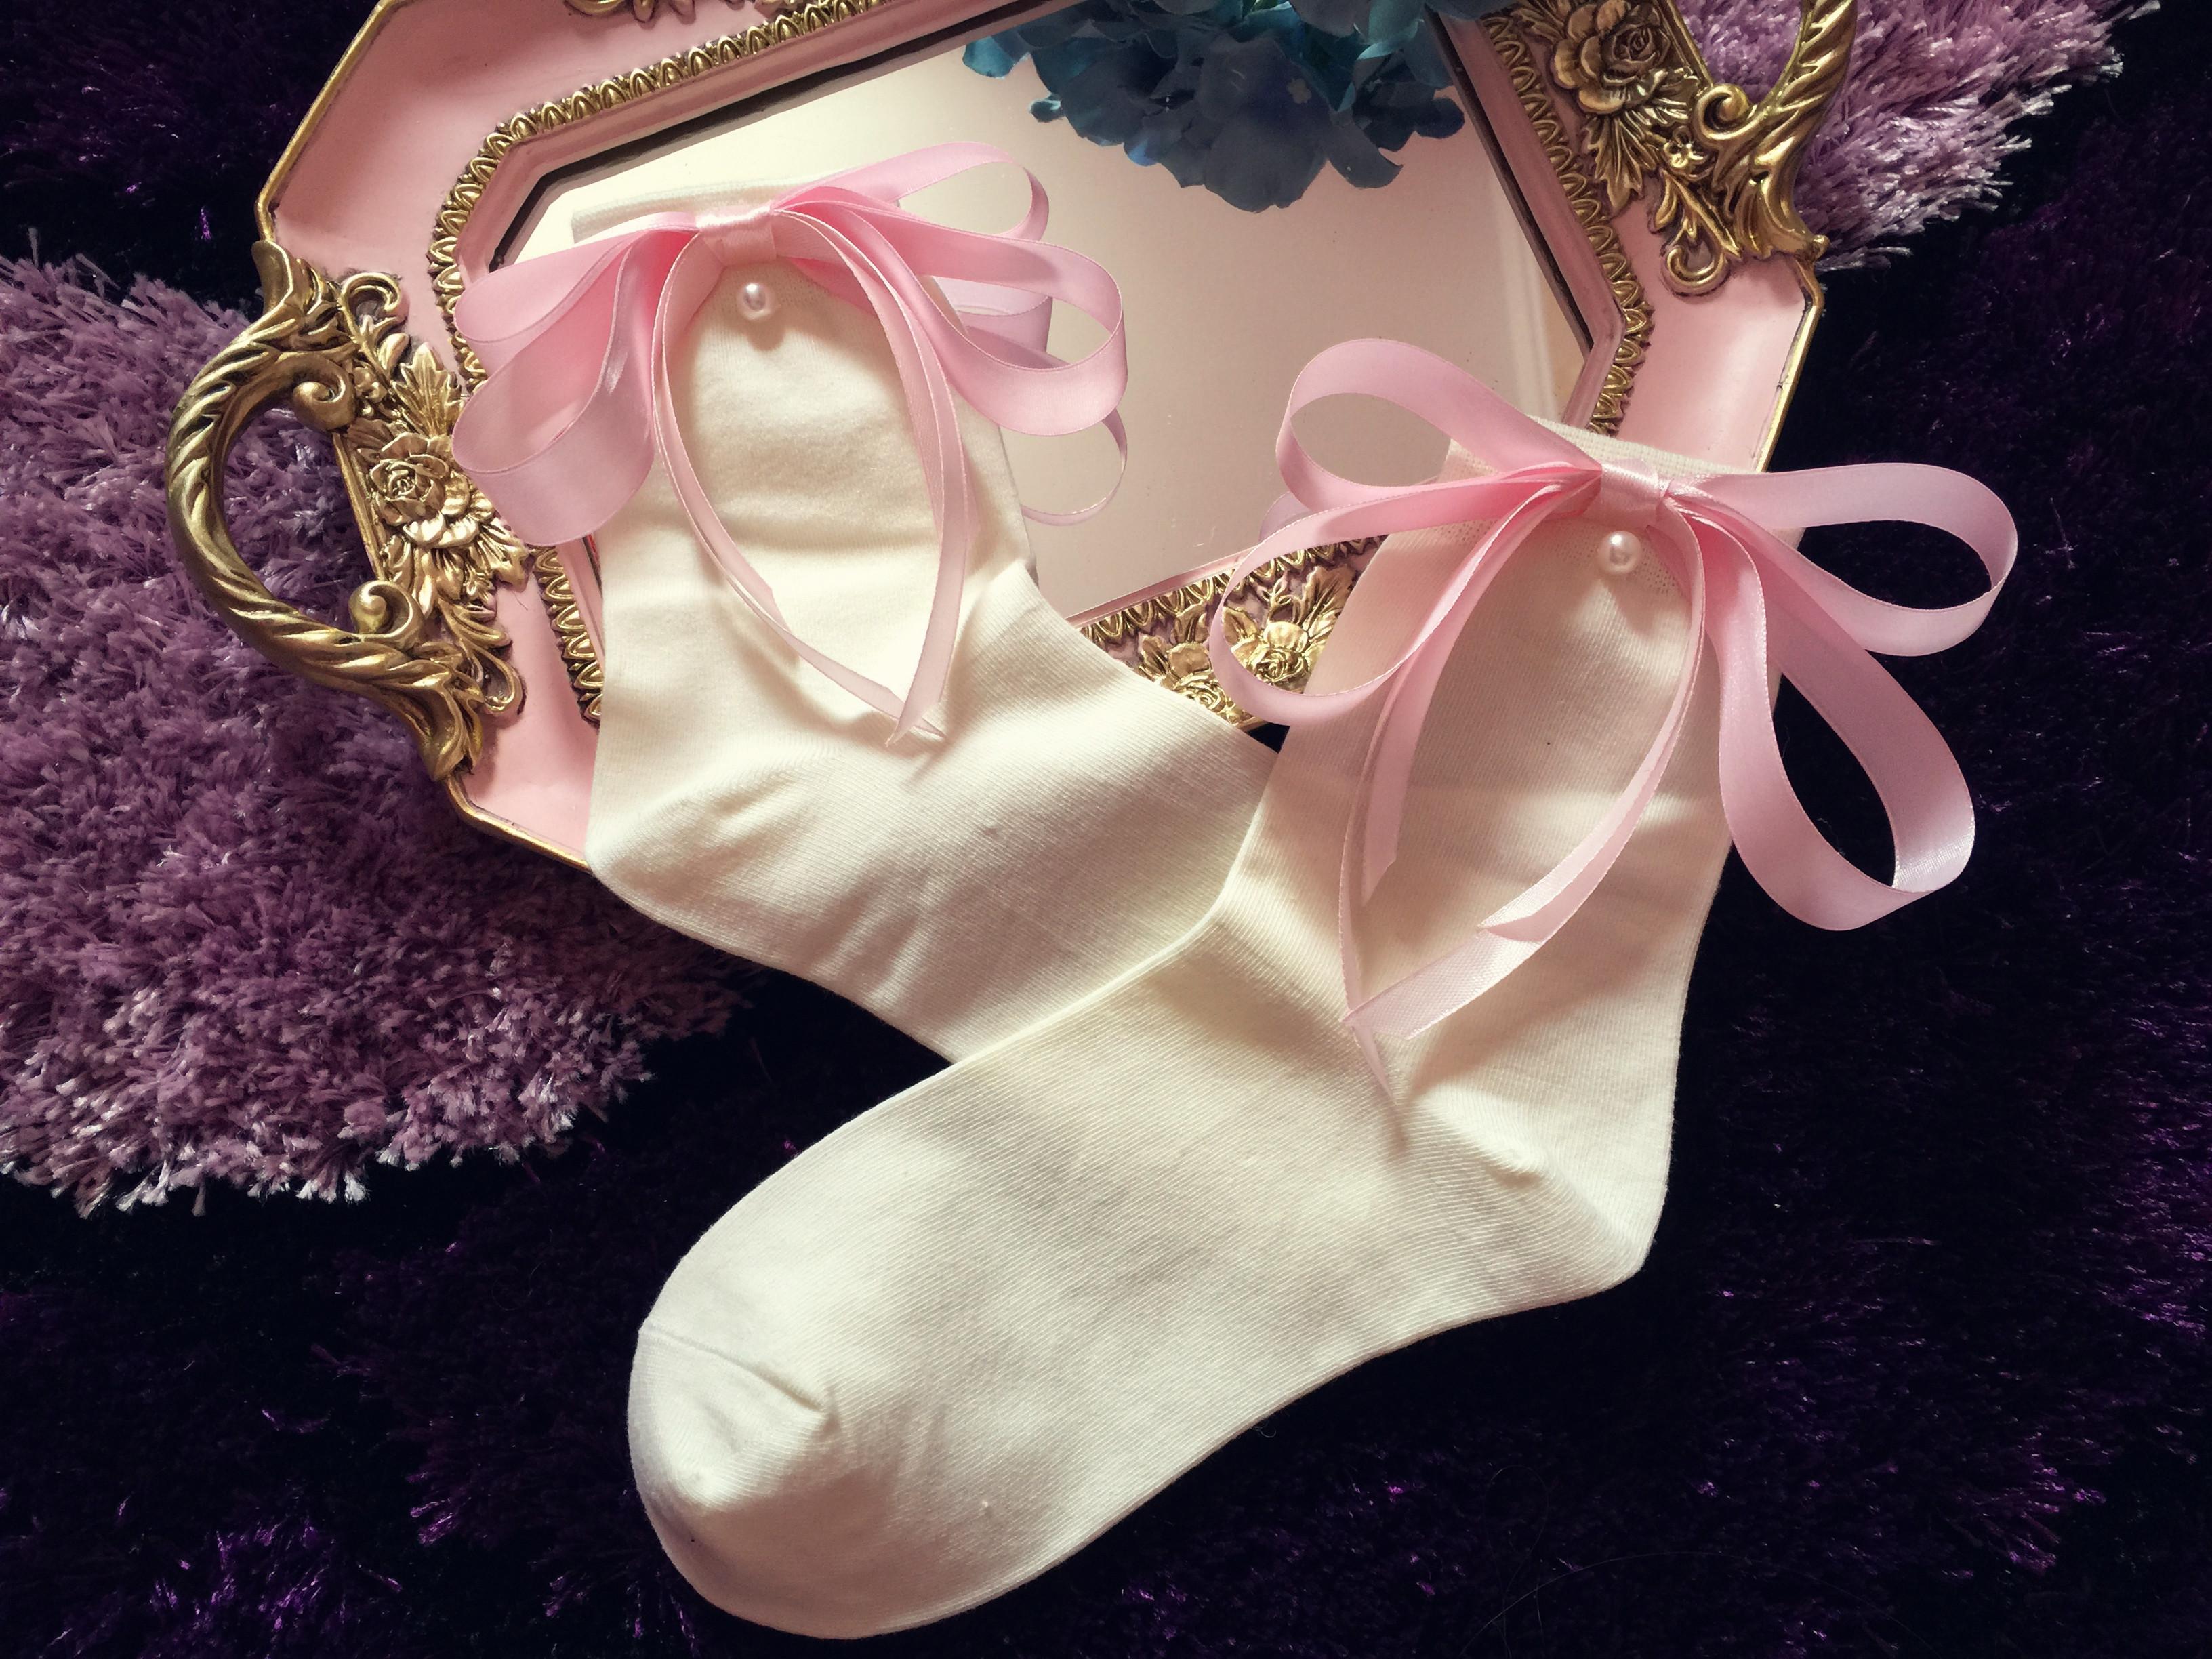 女生[白相册礼物袜子]白女生变黄洗v女生图排行榜90袜子正品图片